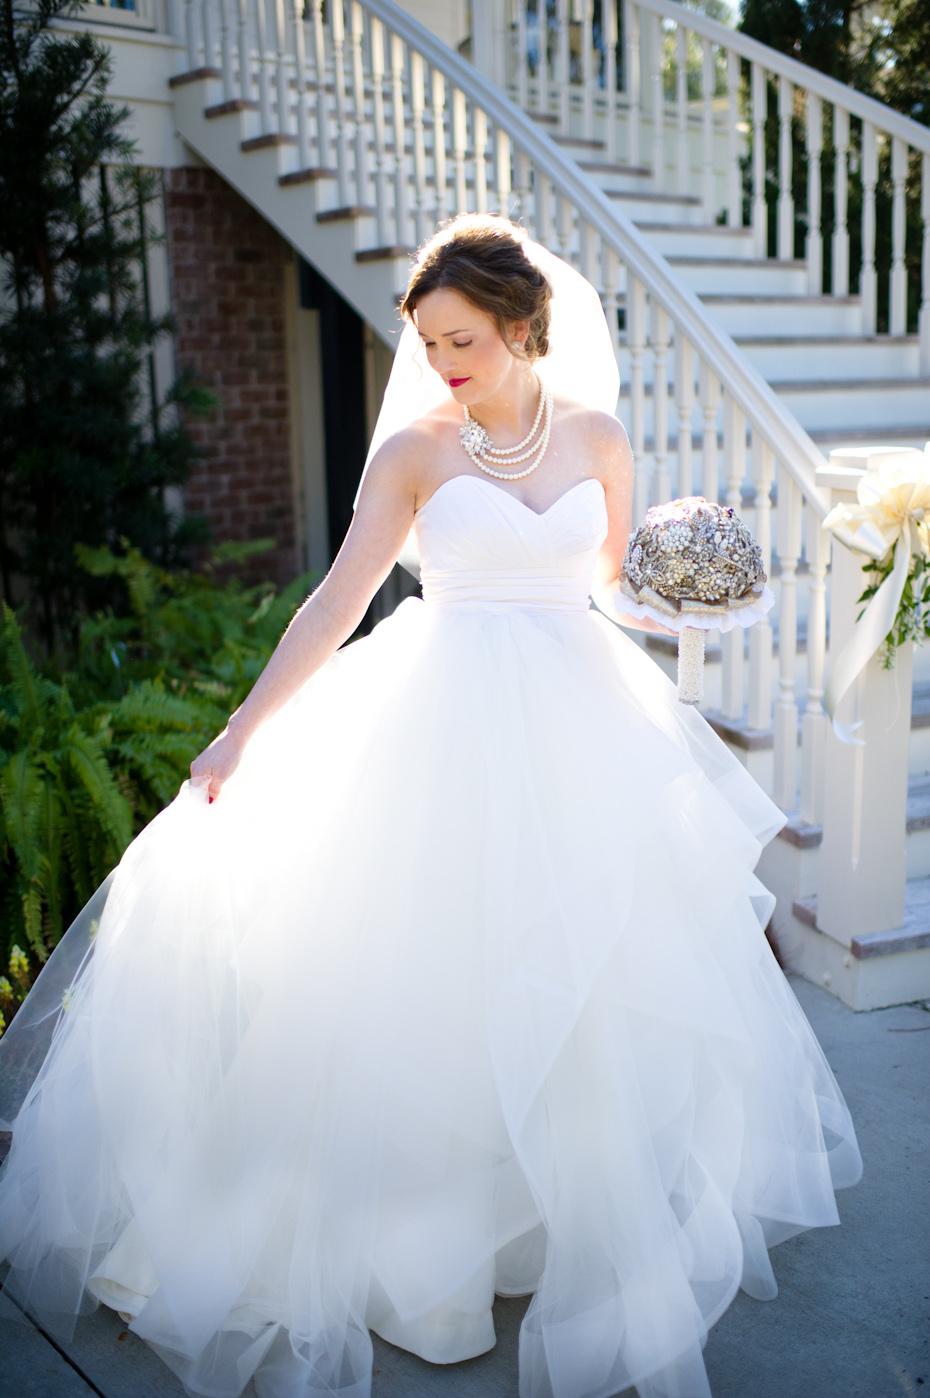 Tybee Island Wedding Chapel Photos by The Studio B Photography